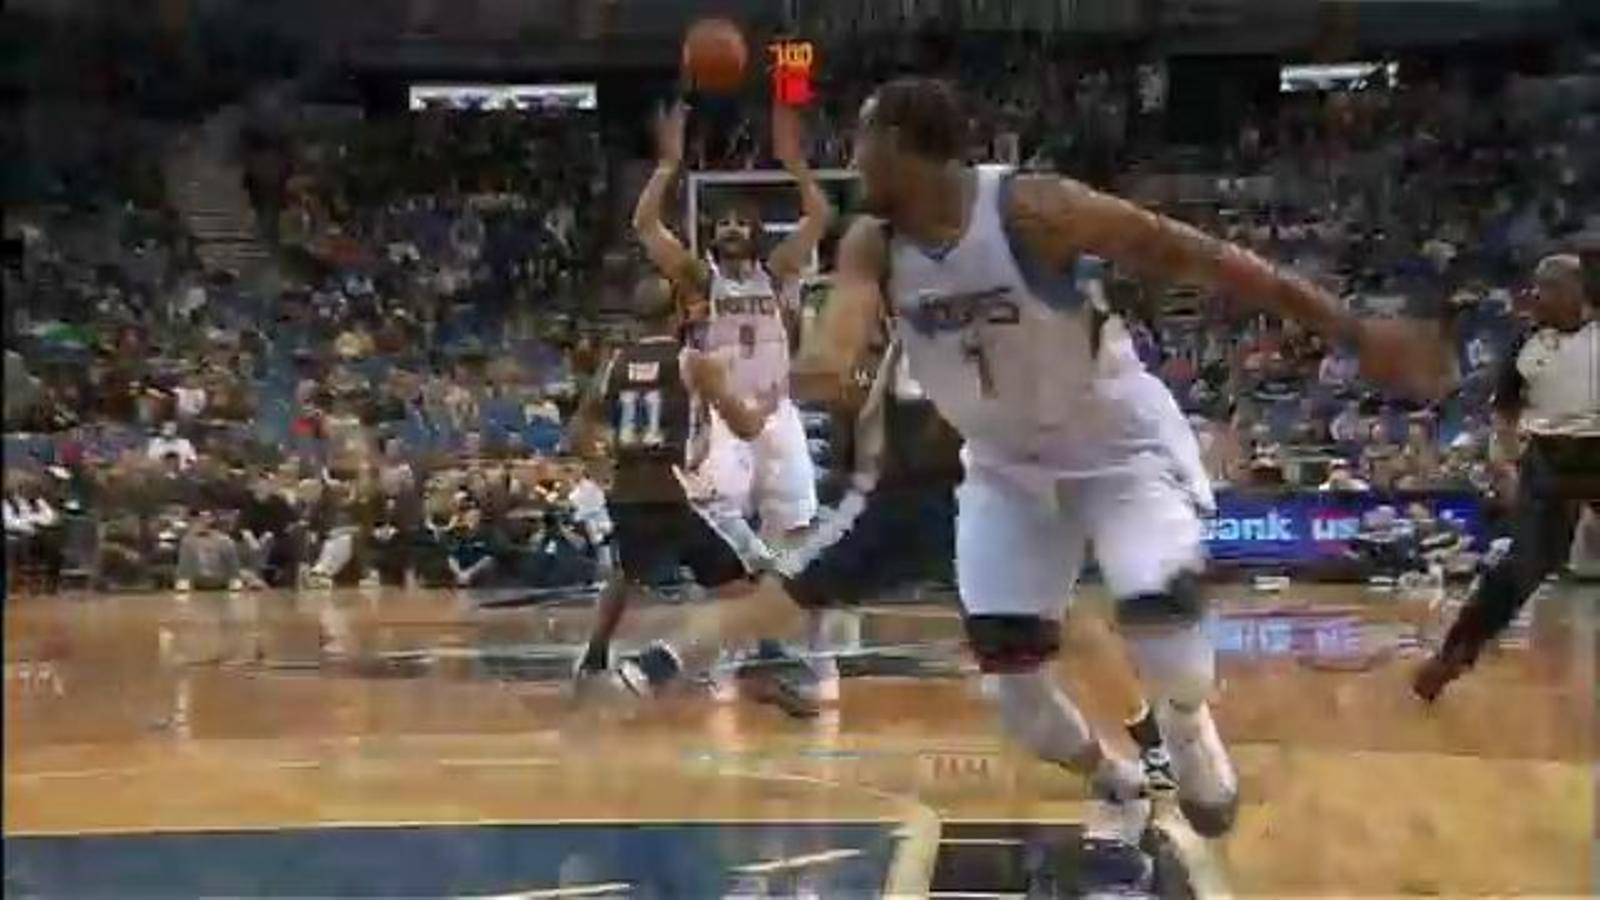 Assistència espectacular de Ricky Rubio a Derrick Williams durant el partit Timberwolves-Spurs